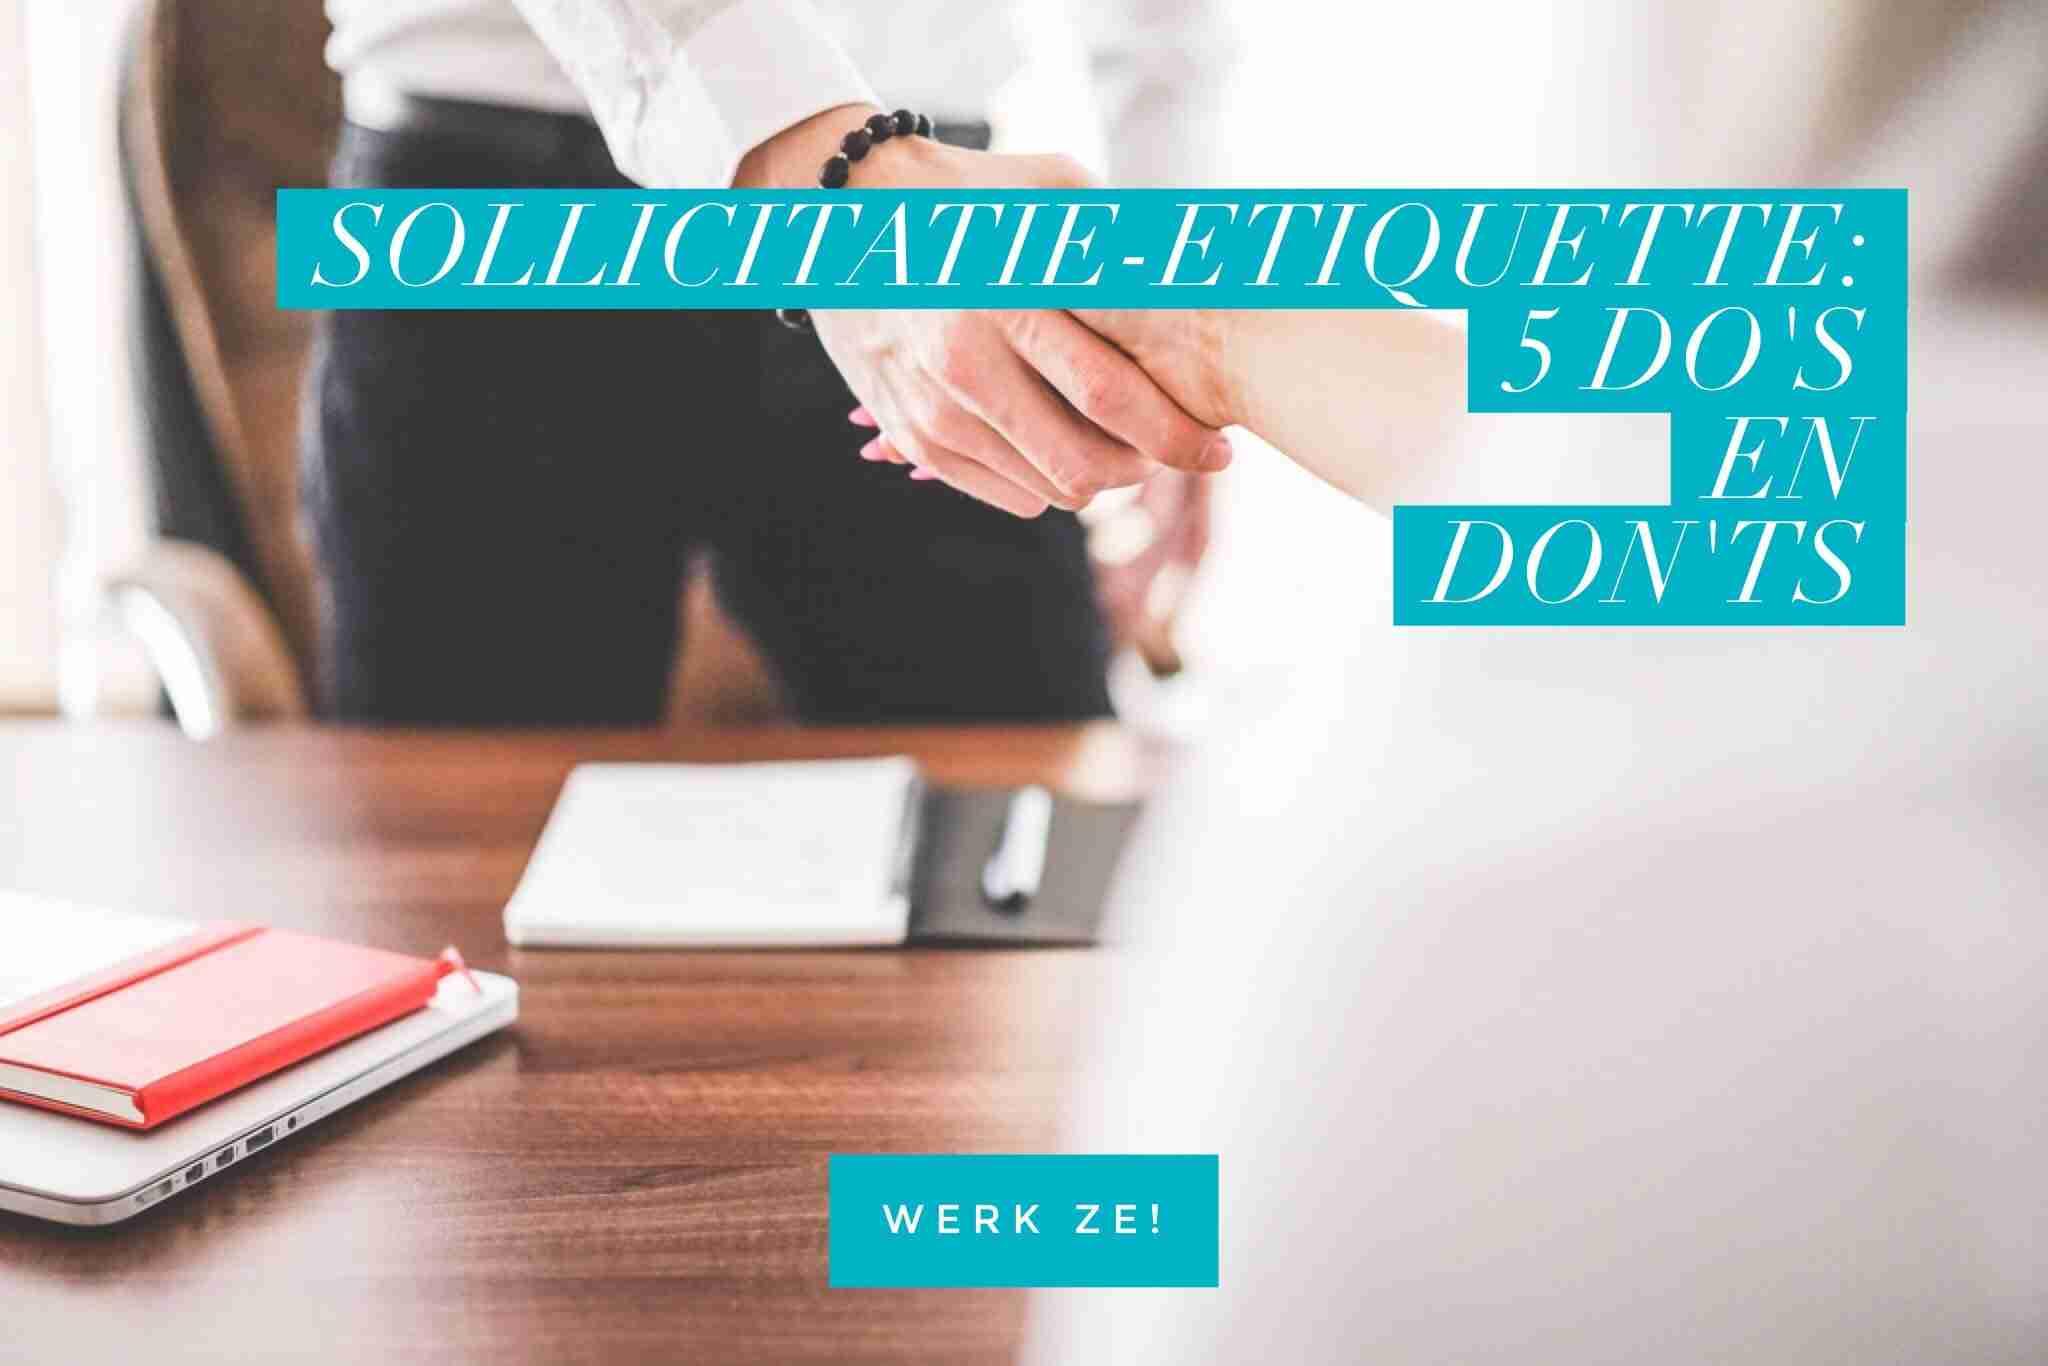 Sollicitatie-etiquette: 5 do's en don'ts